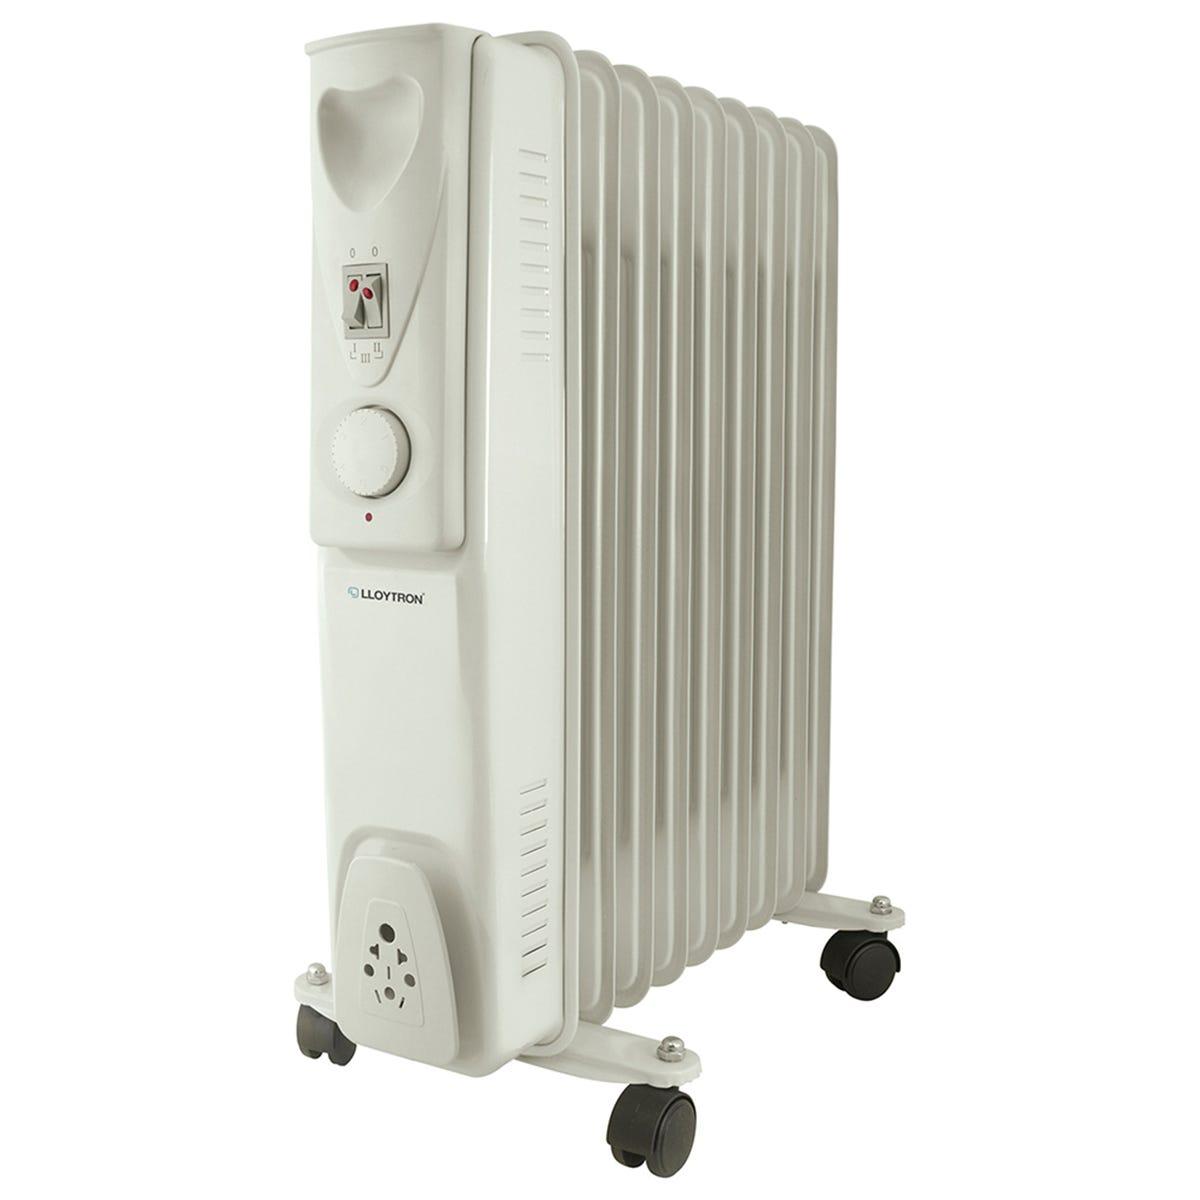 Lloytron Staywarm 2000w 9 Fin Oil Radiator